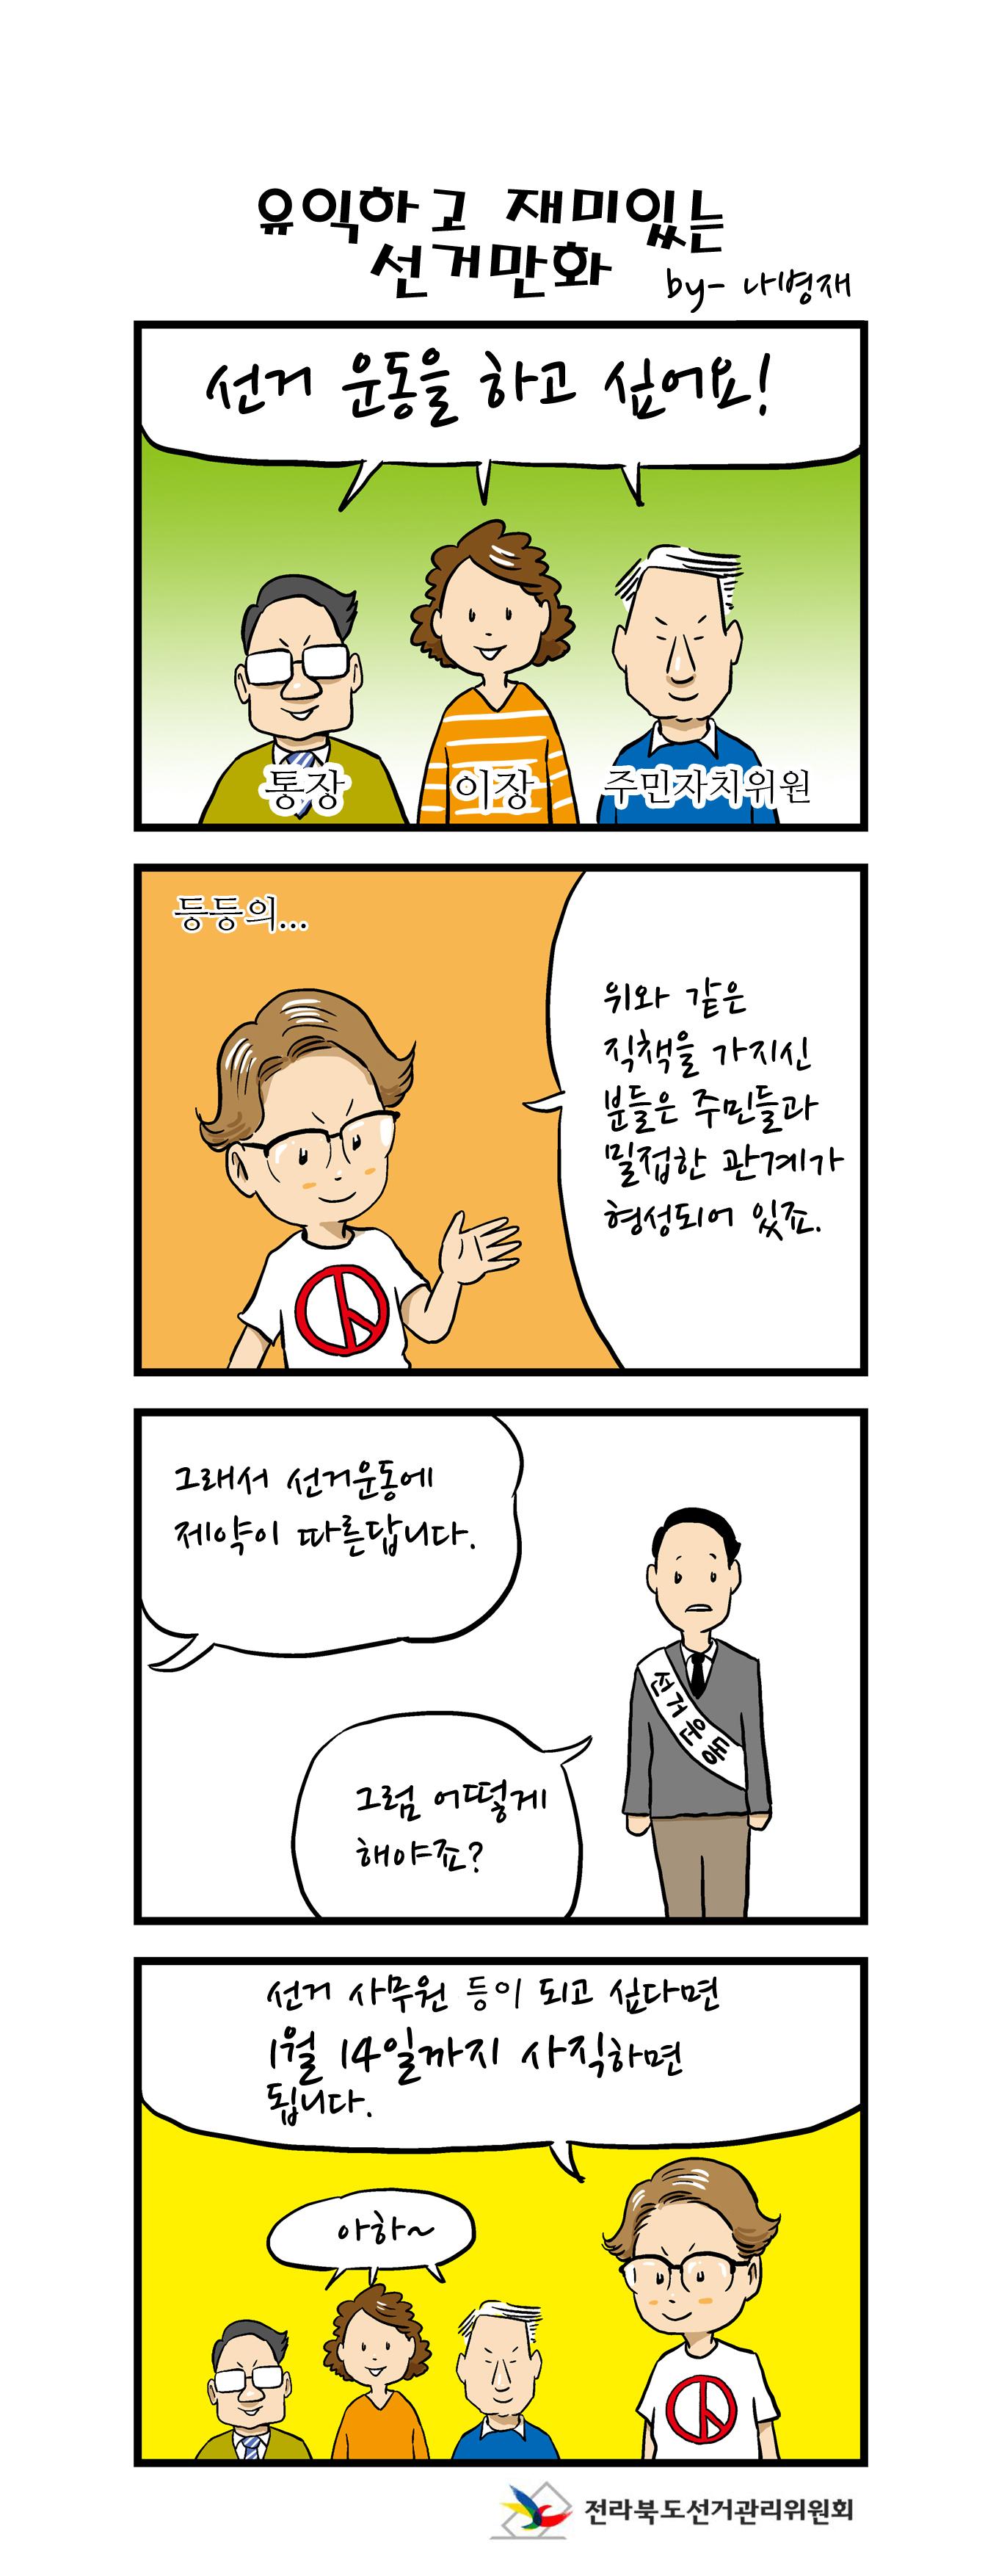 [유익하고 재밌는 선거만화] 통리반장 선거운동